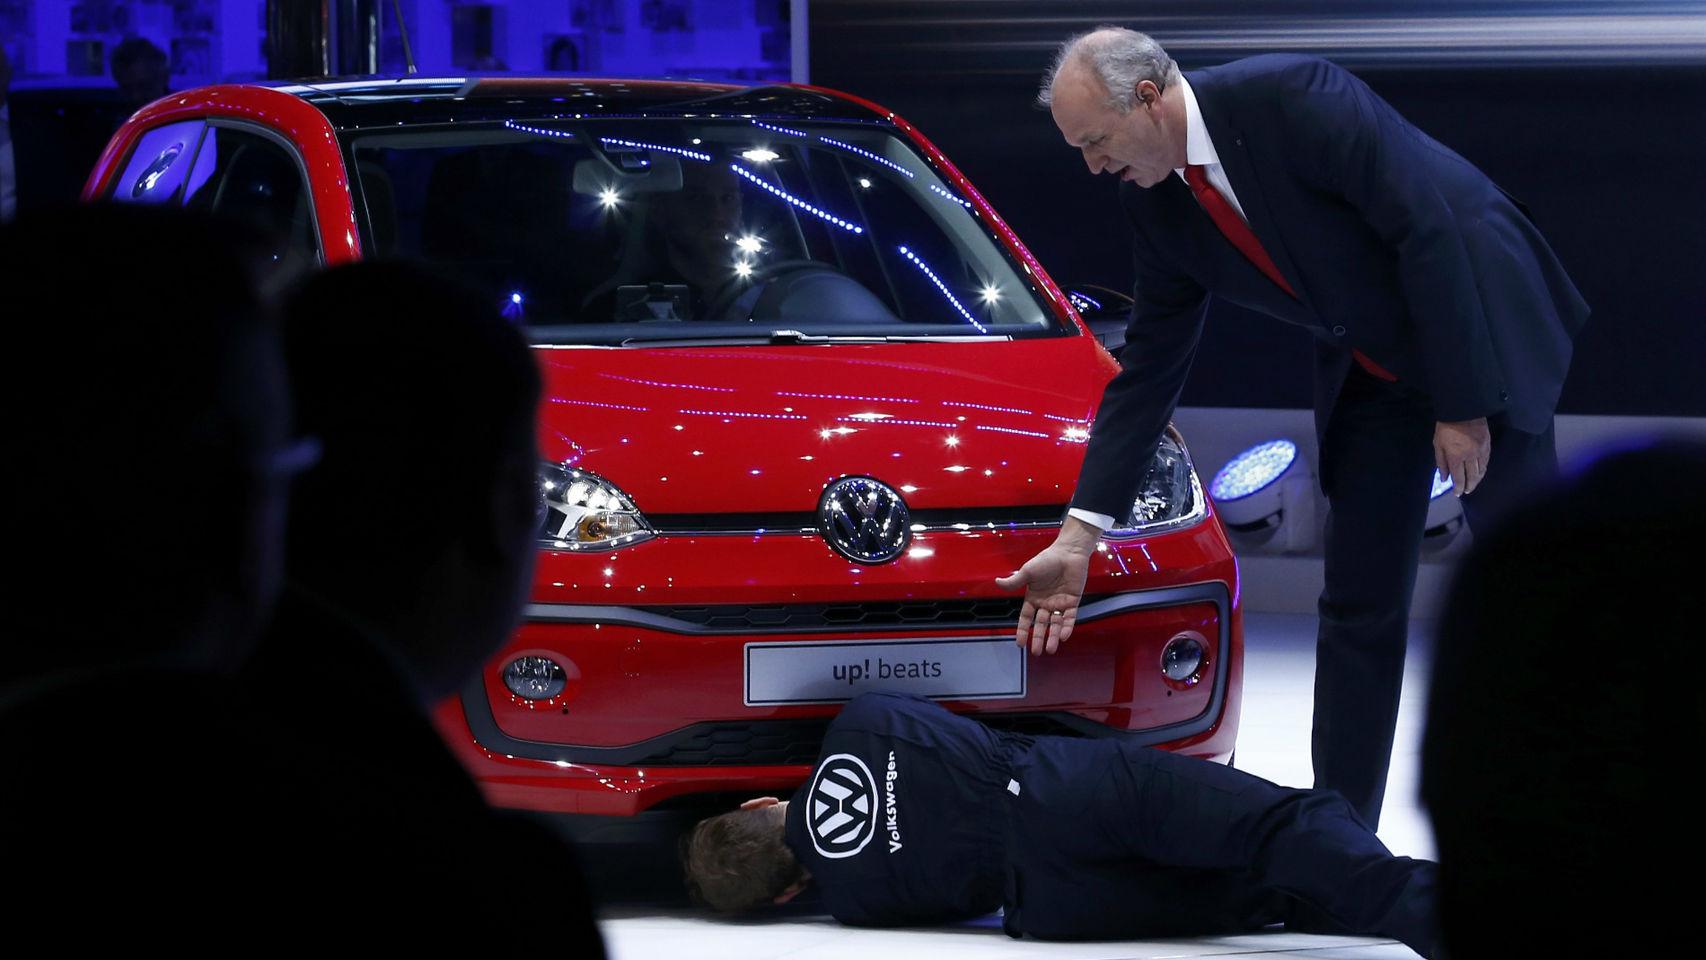 boicot presentación del nuevo up! de Volkswagen en salón automóvil Ginebra 2016